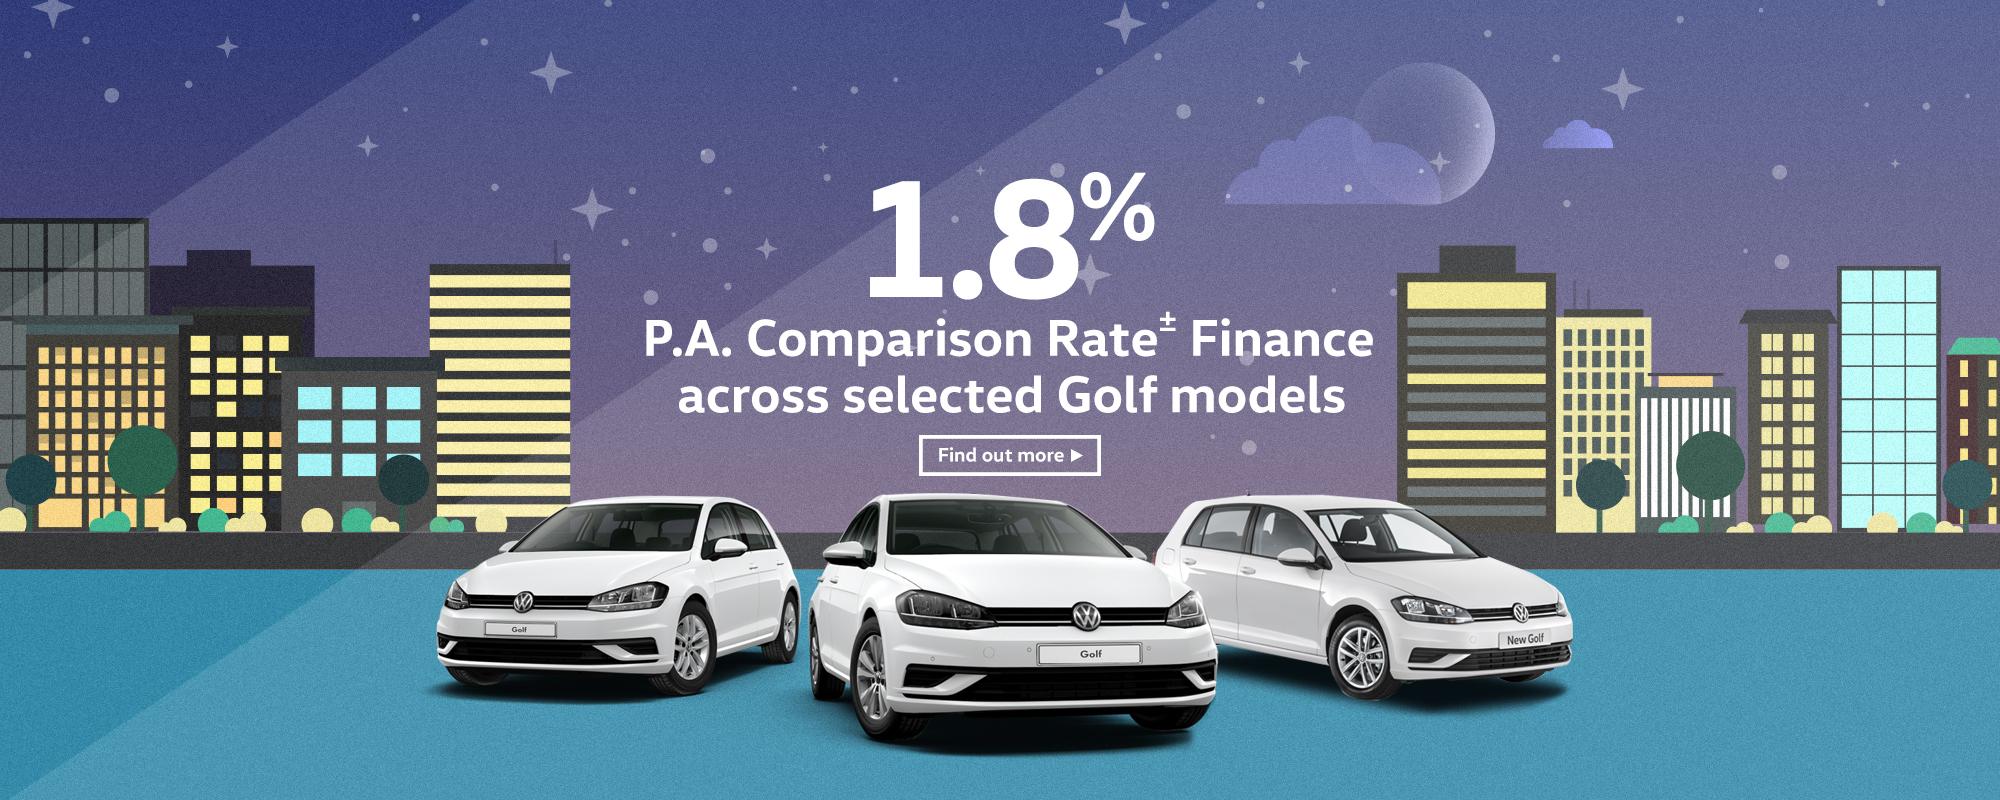 vw-golf-finance-S17-2000x800.jpg